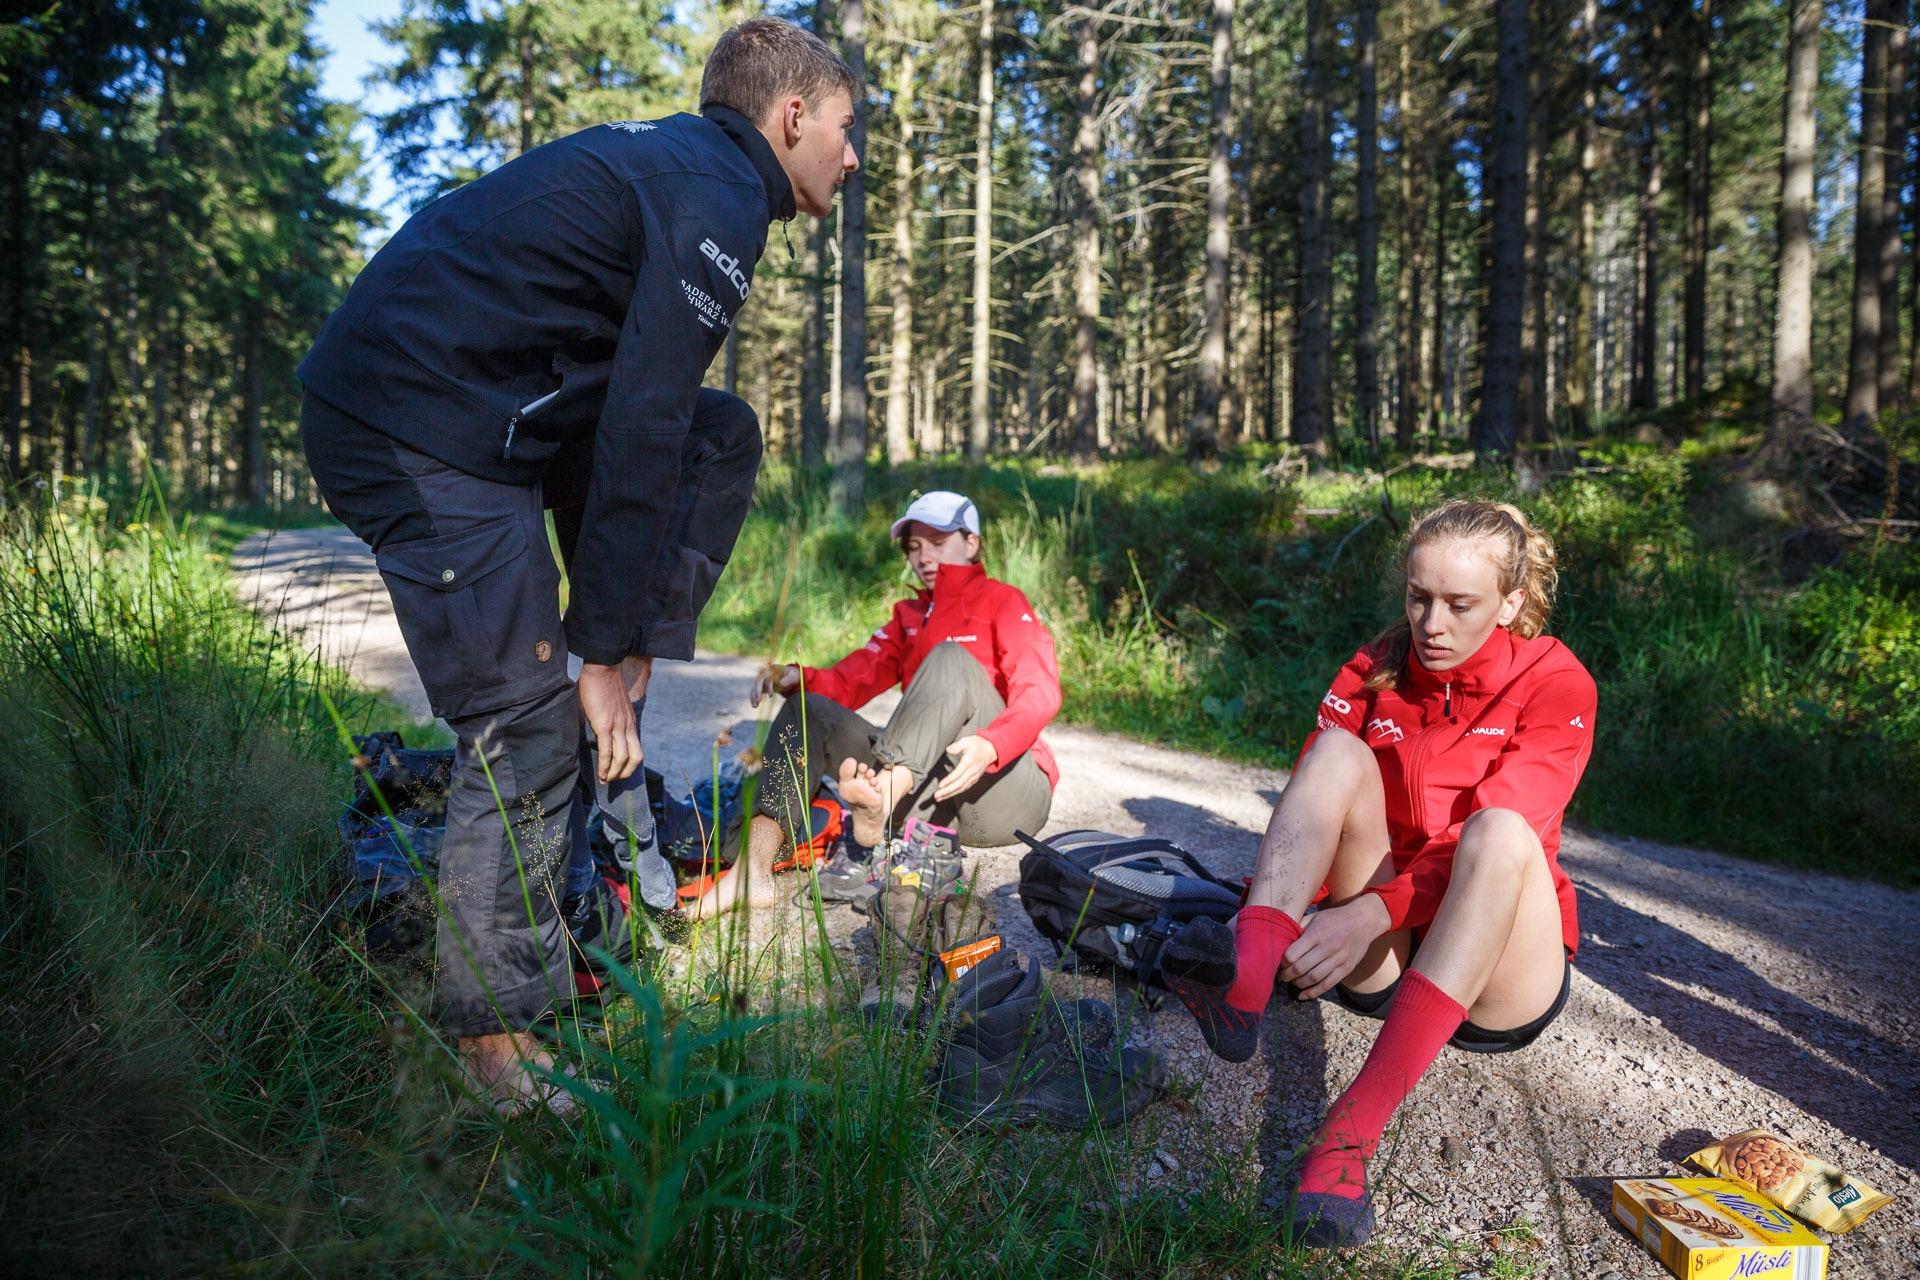 Wenig später haben alle ihre Schuhe gefunden und treten voller Motivation den langen Weg quer durch den Nationalpark an.